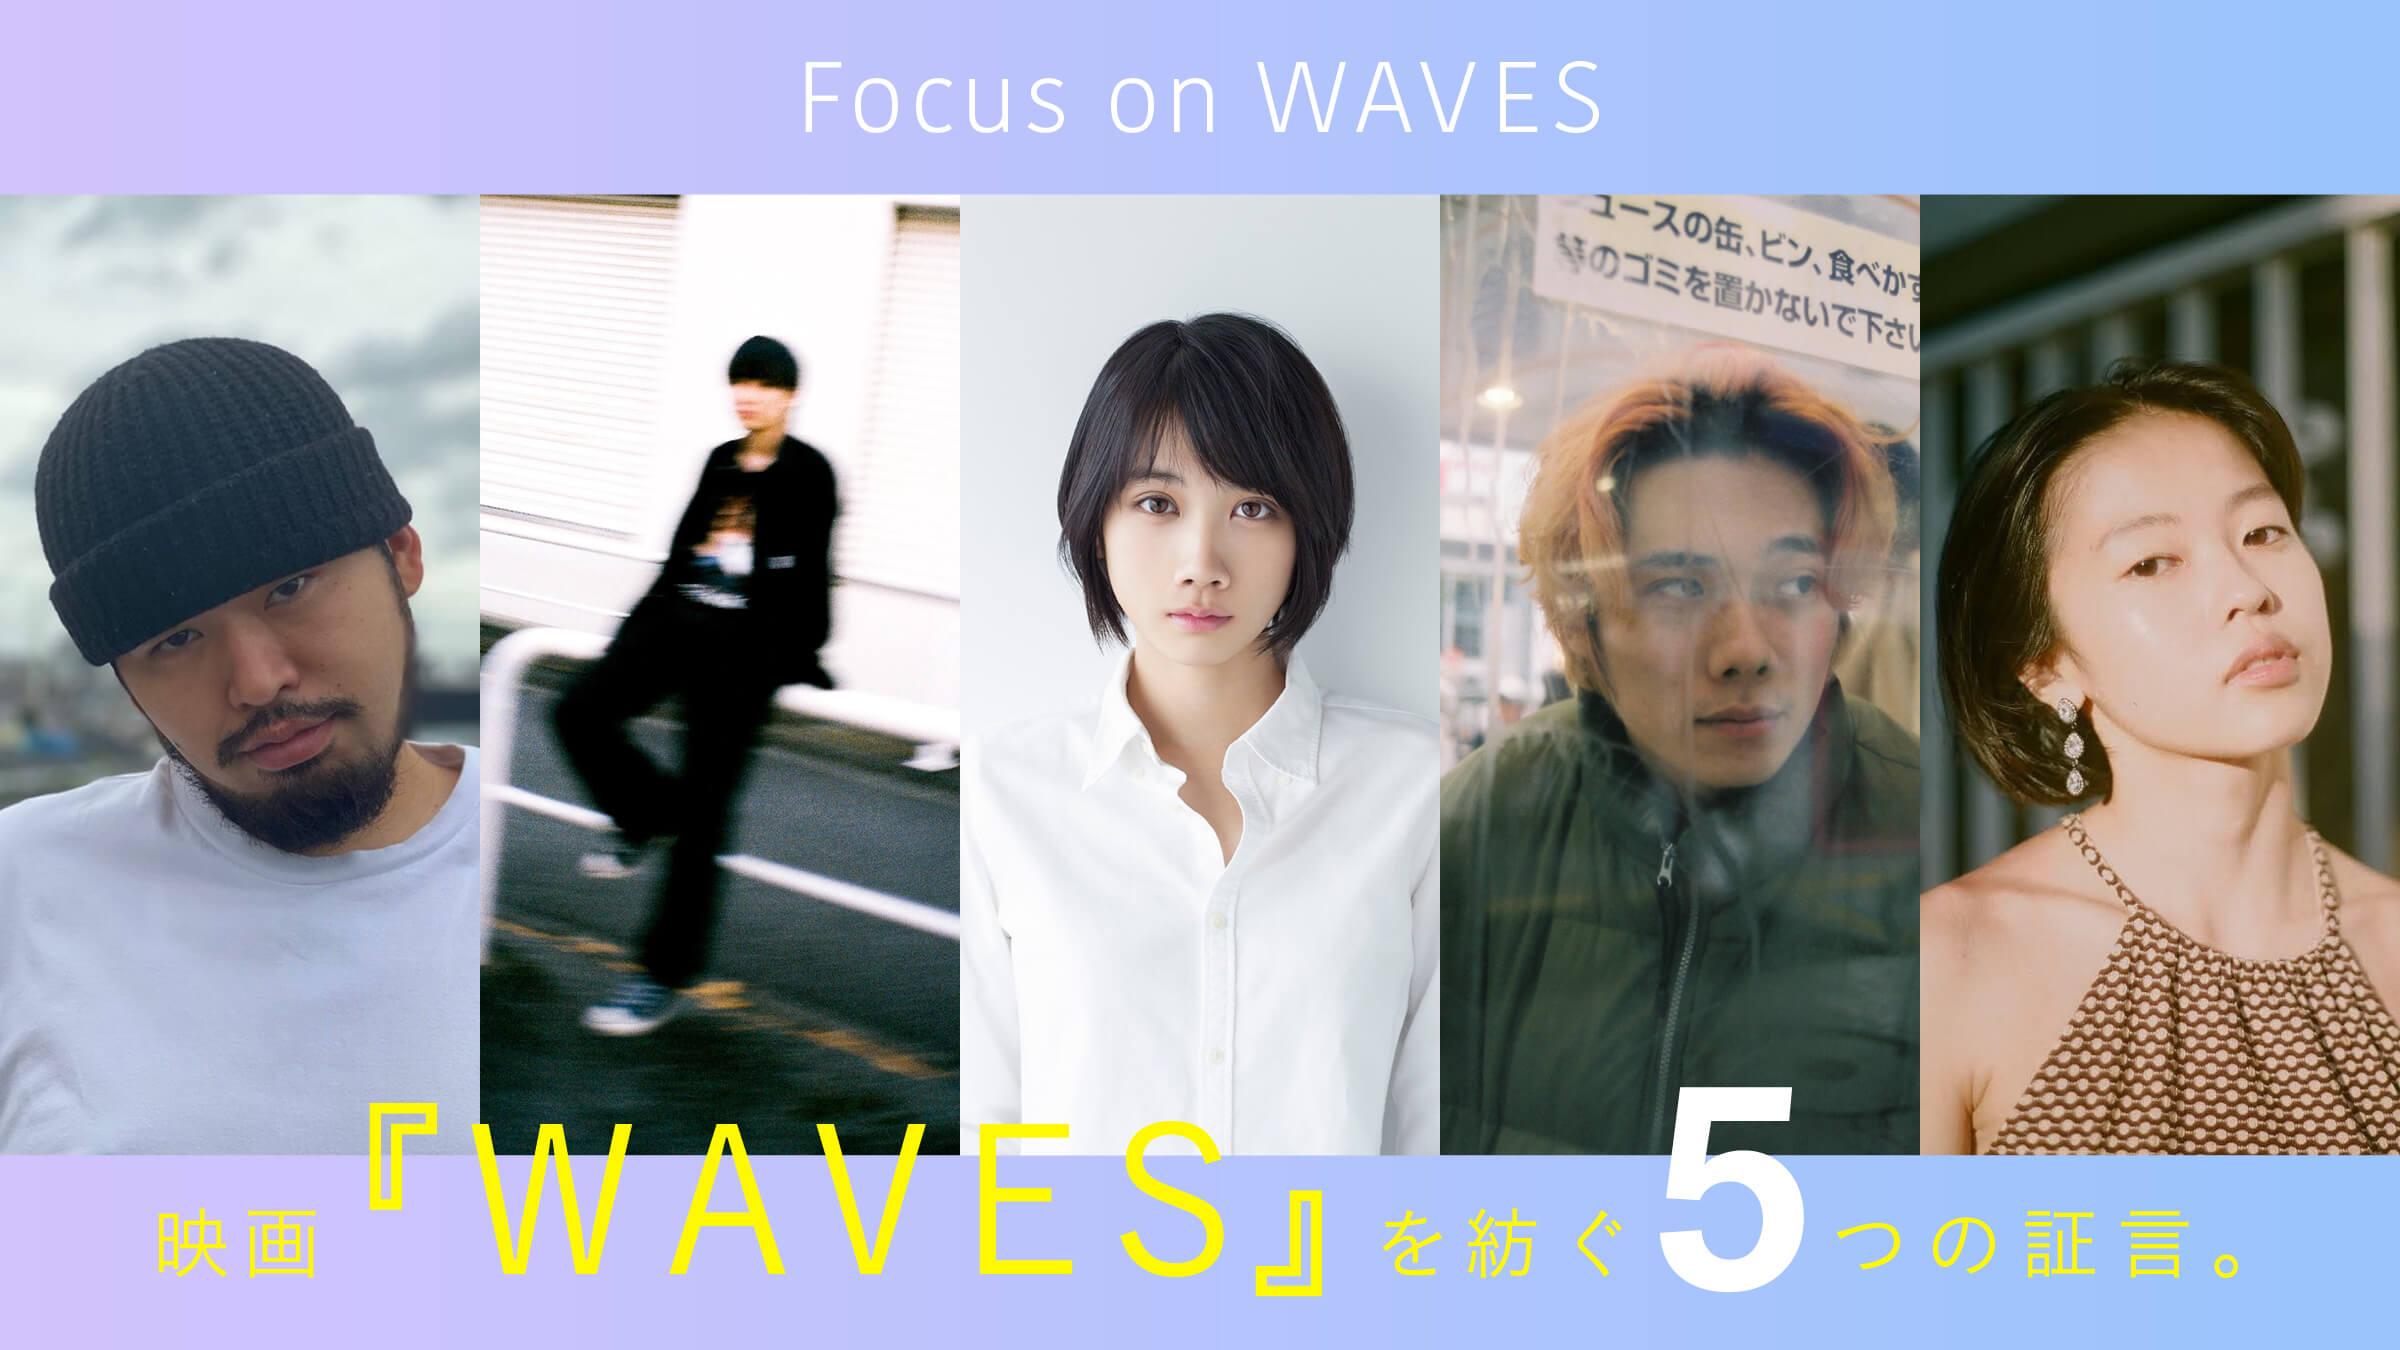 映画『WAVES/ウェイブス』を紡ぐ5つの証言。